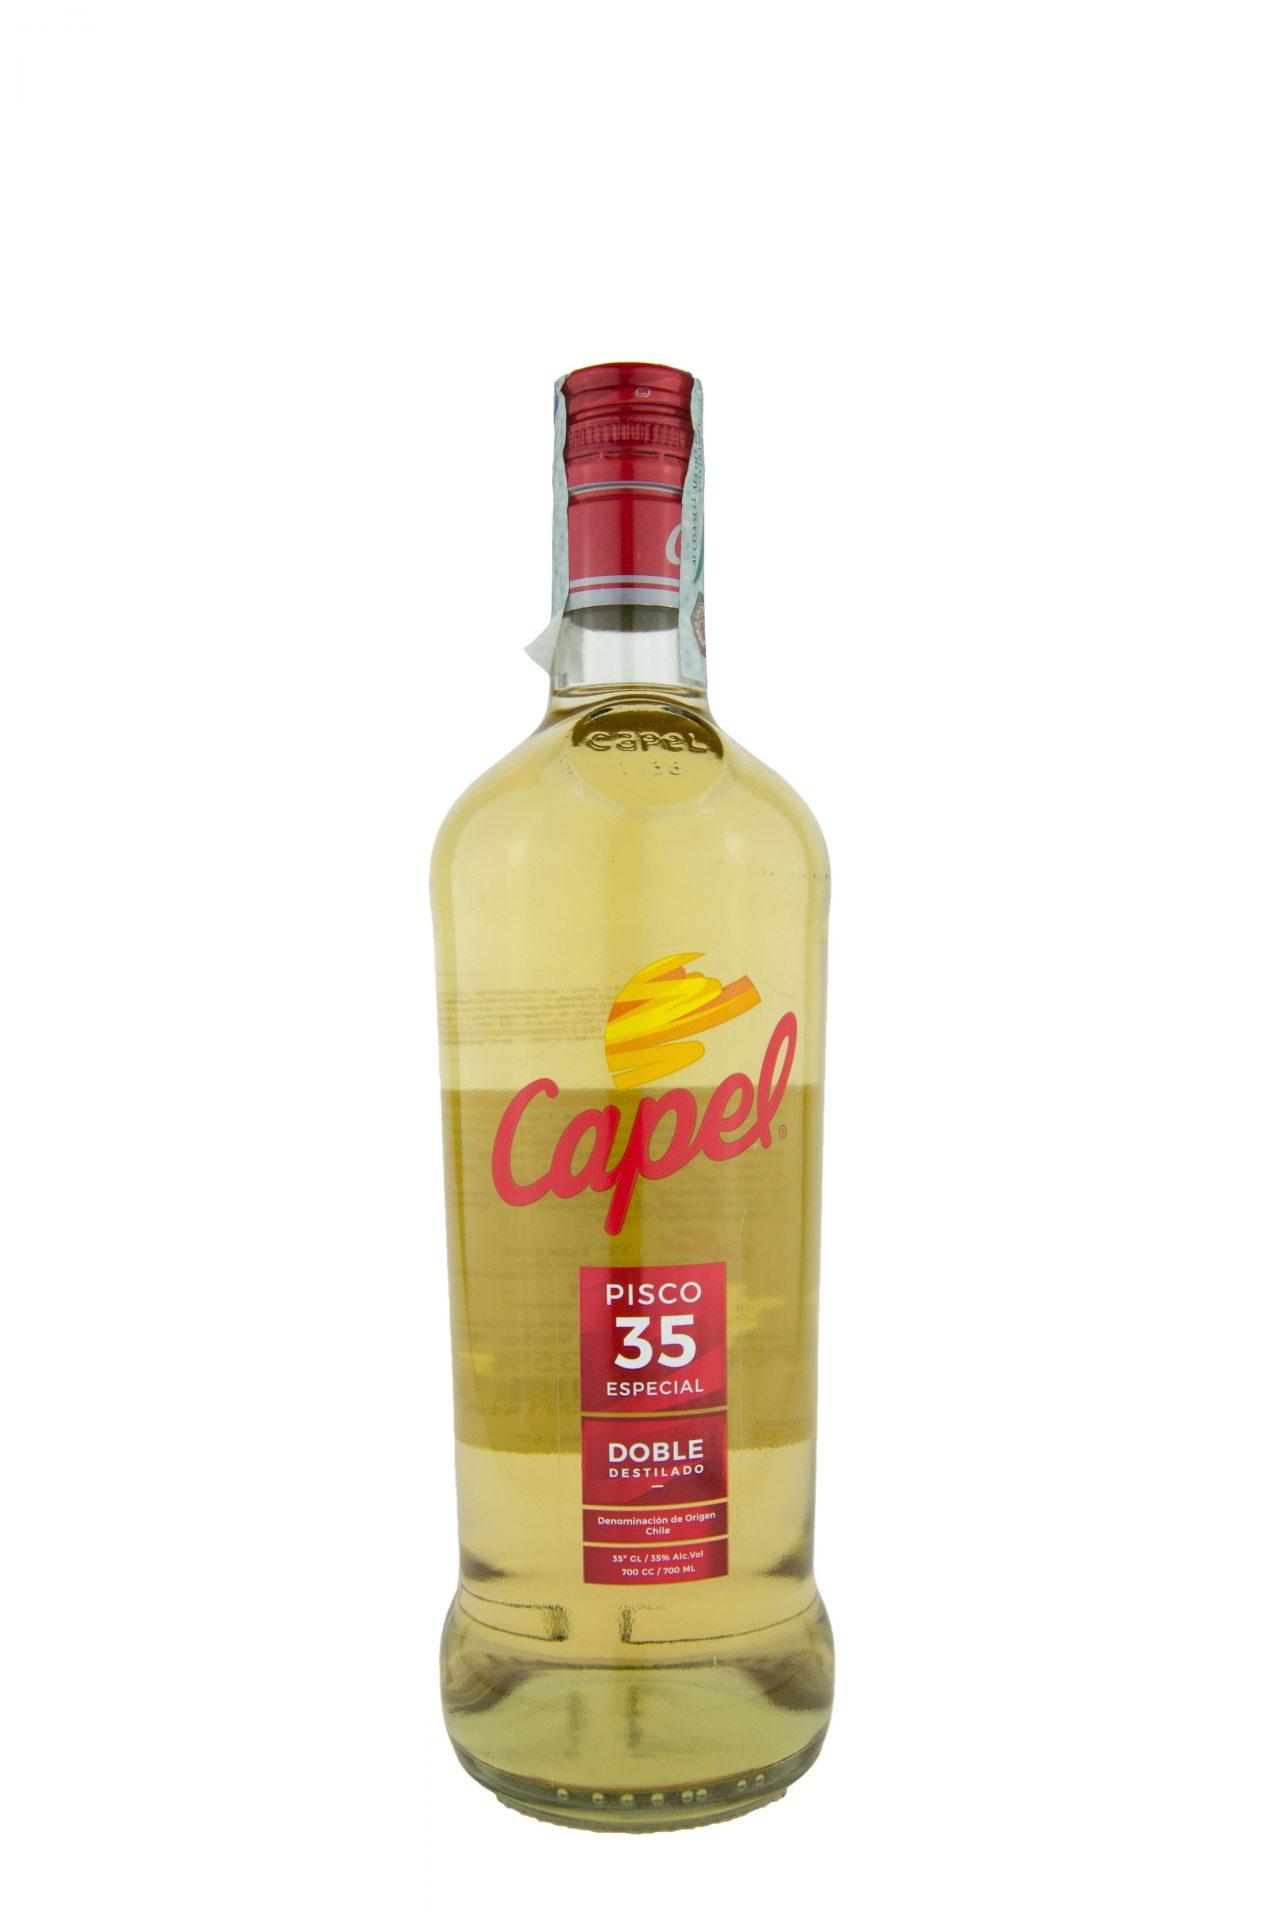 Capel – Pisco Especial